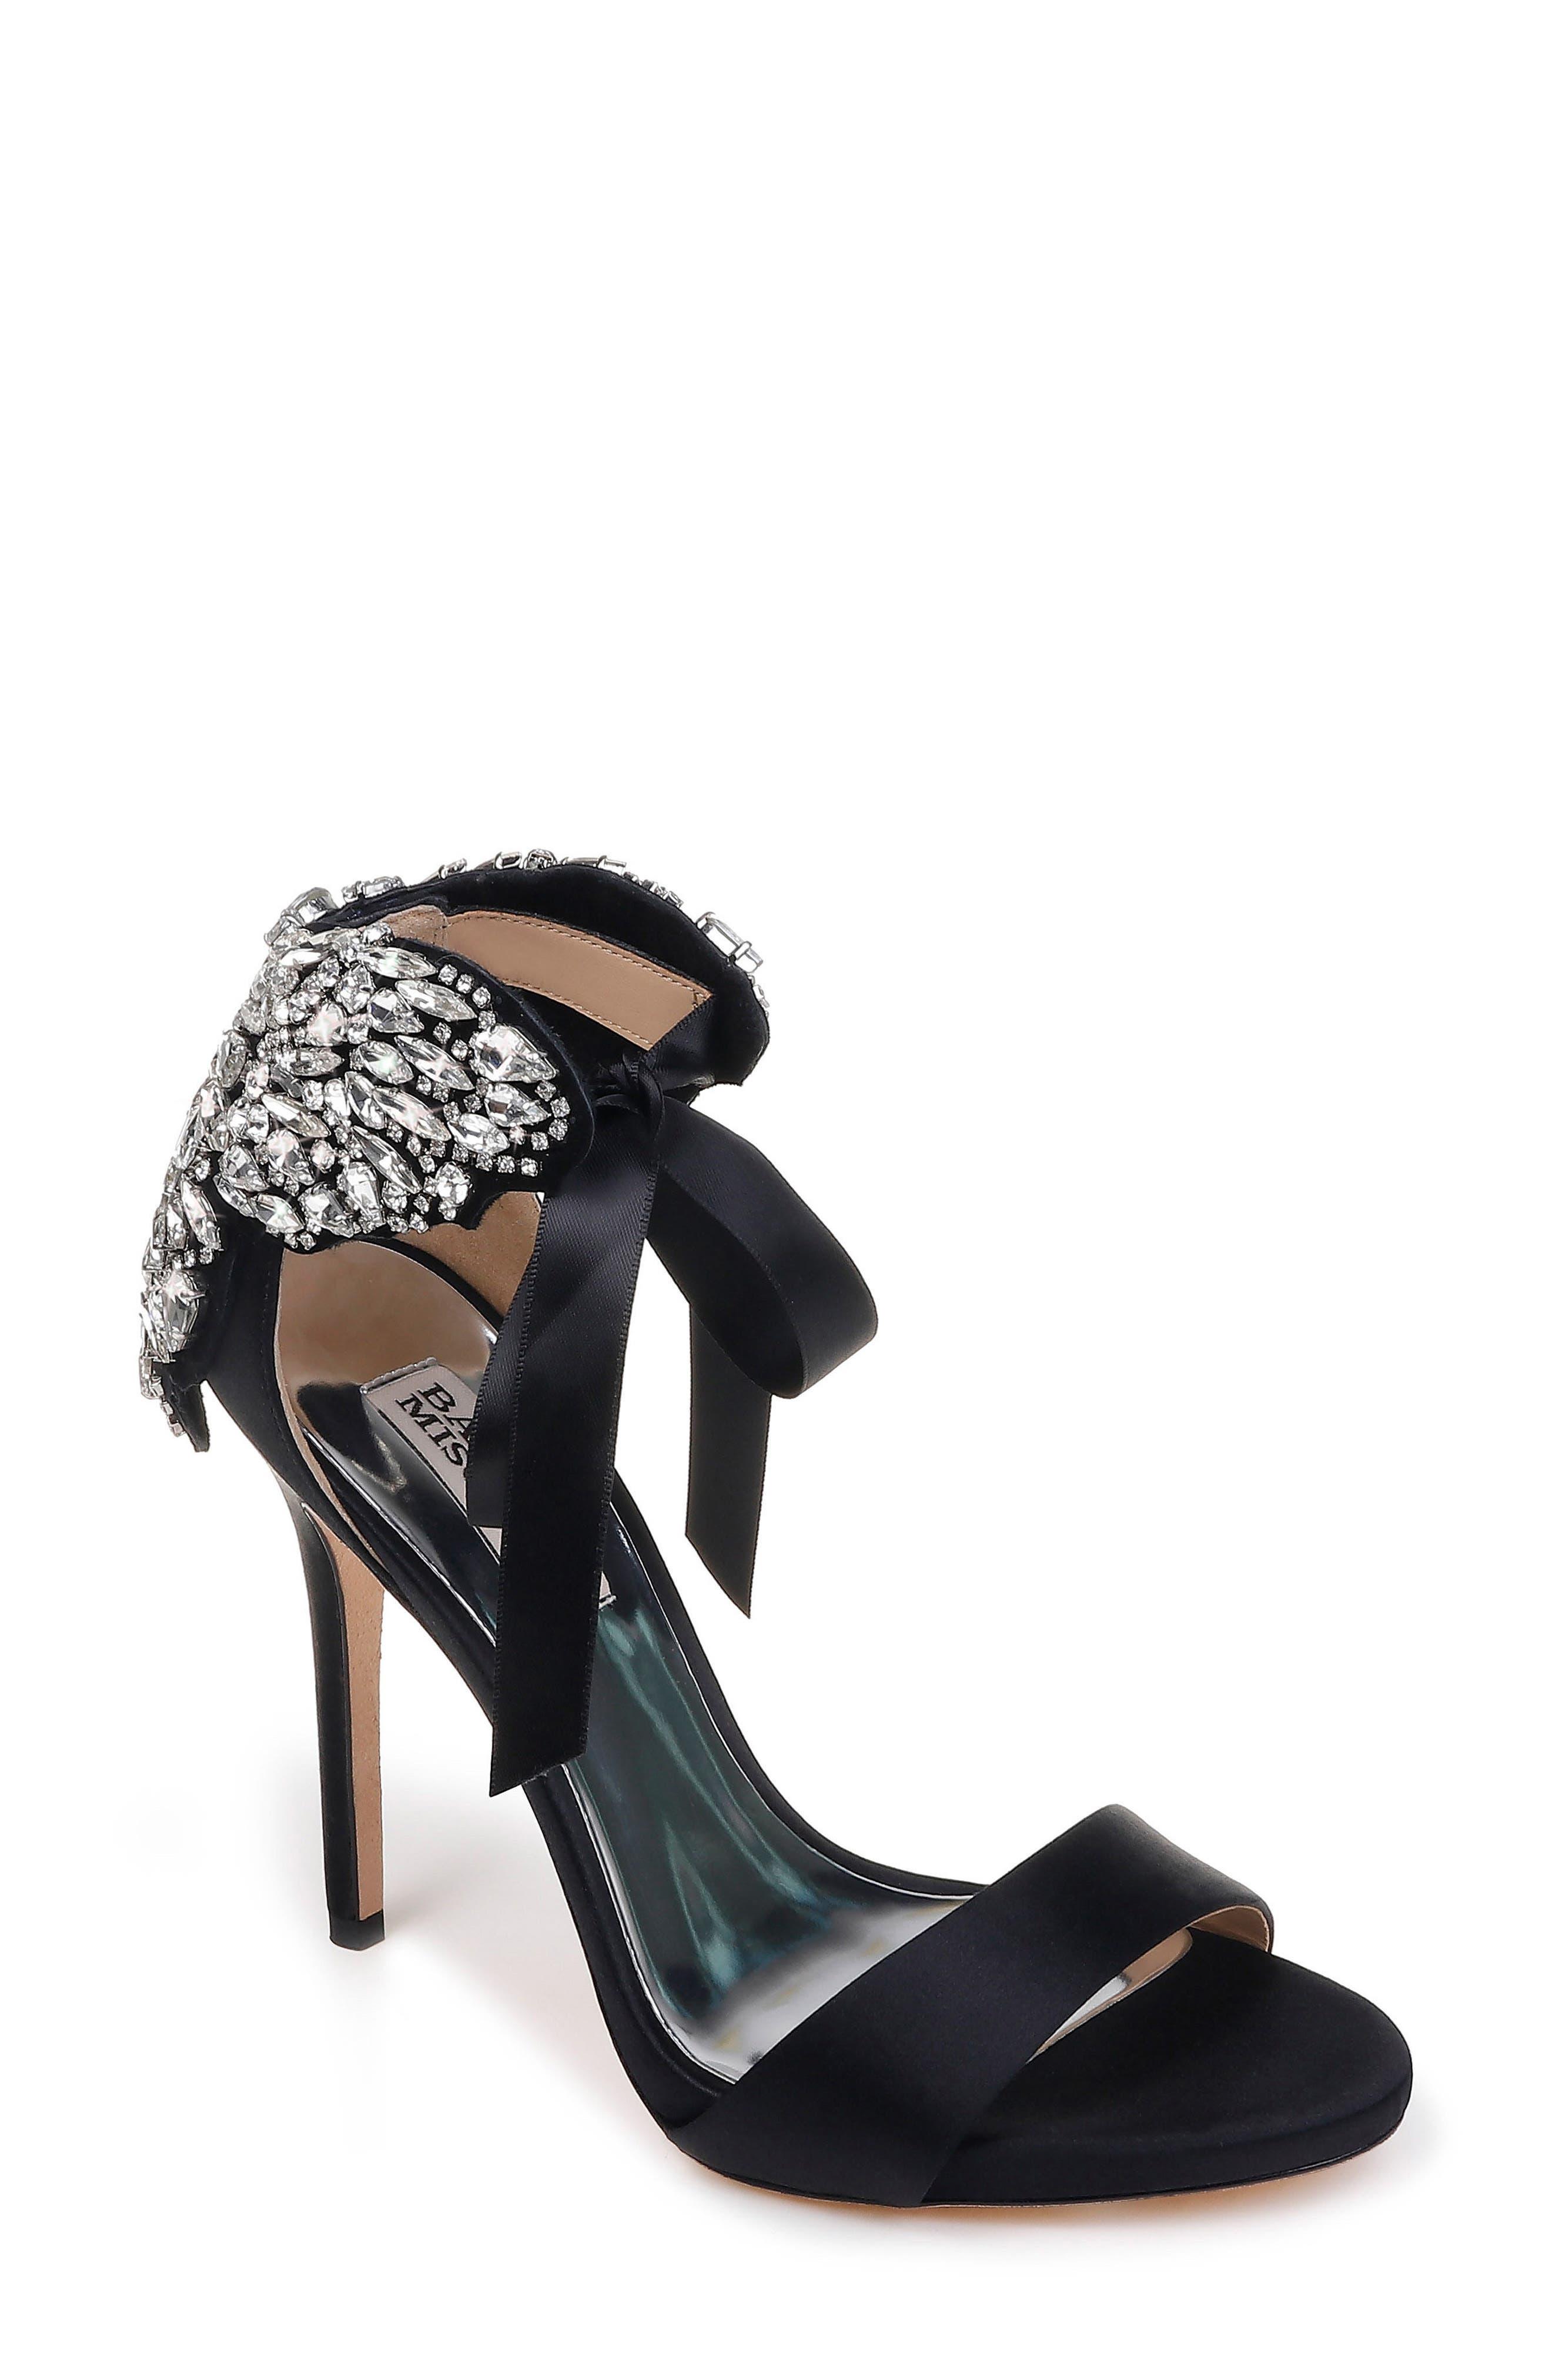 Alternate Image 1 Selected - Badgley Mischka Hilda Crystal Embellished Sandal (Women)